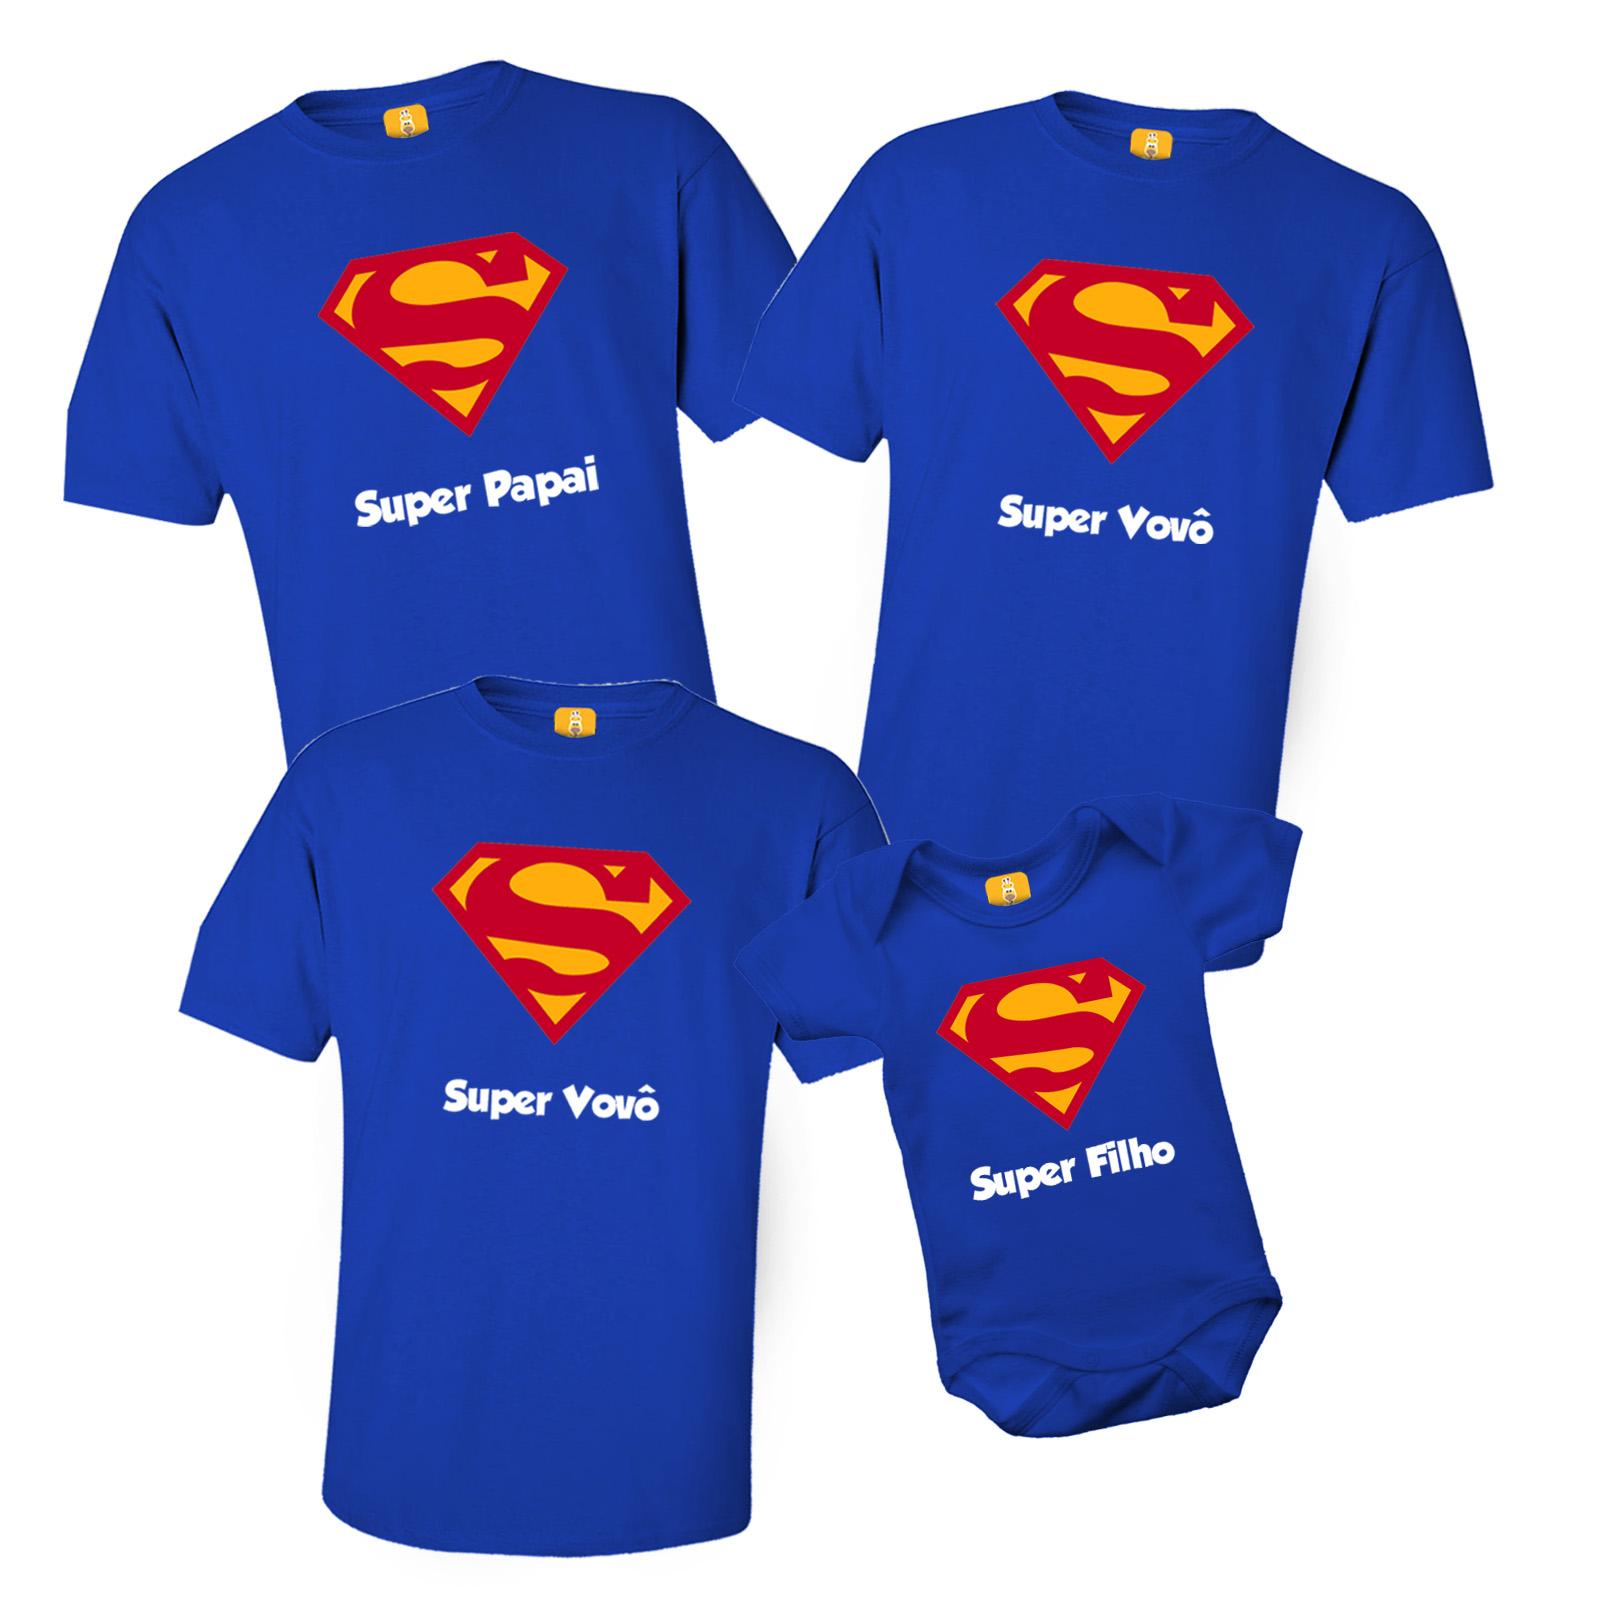 Kit de Camisetas do Superman - Super Papai Super Vovô e Super Filho - 4 peças